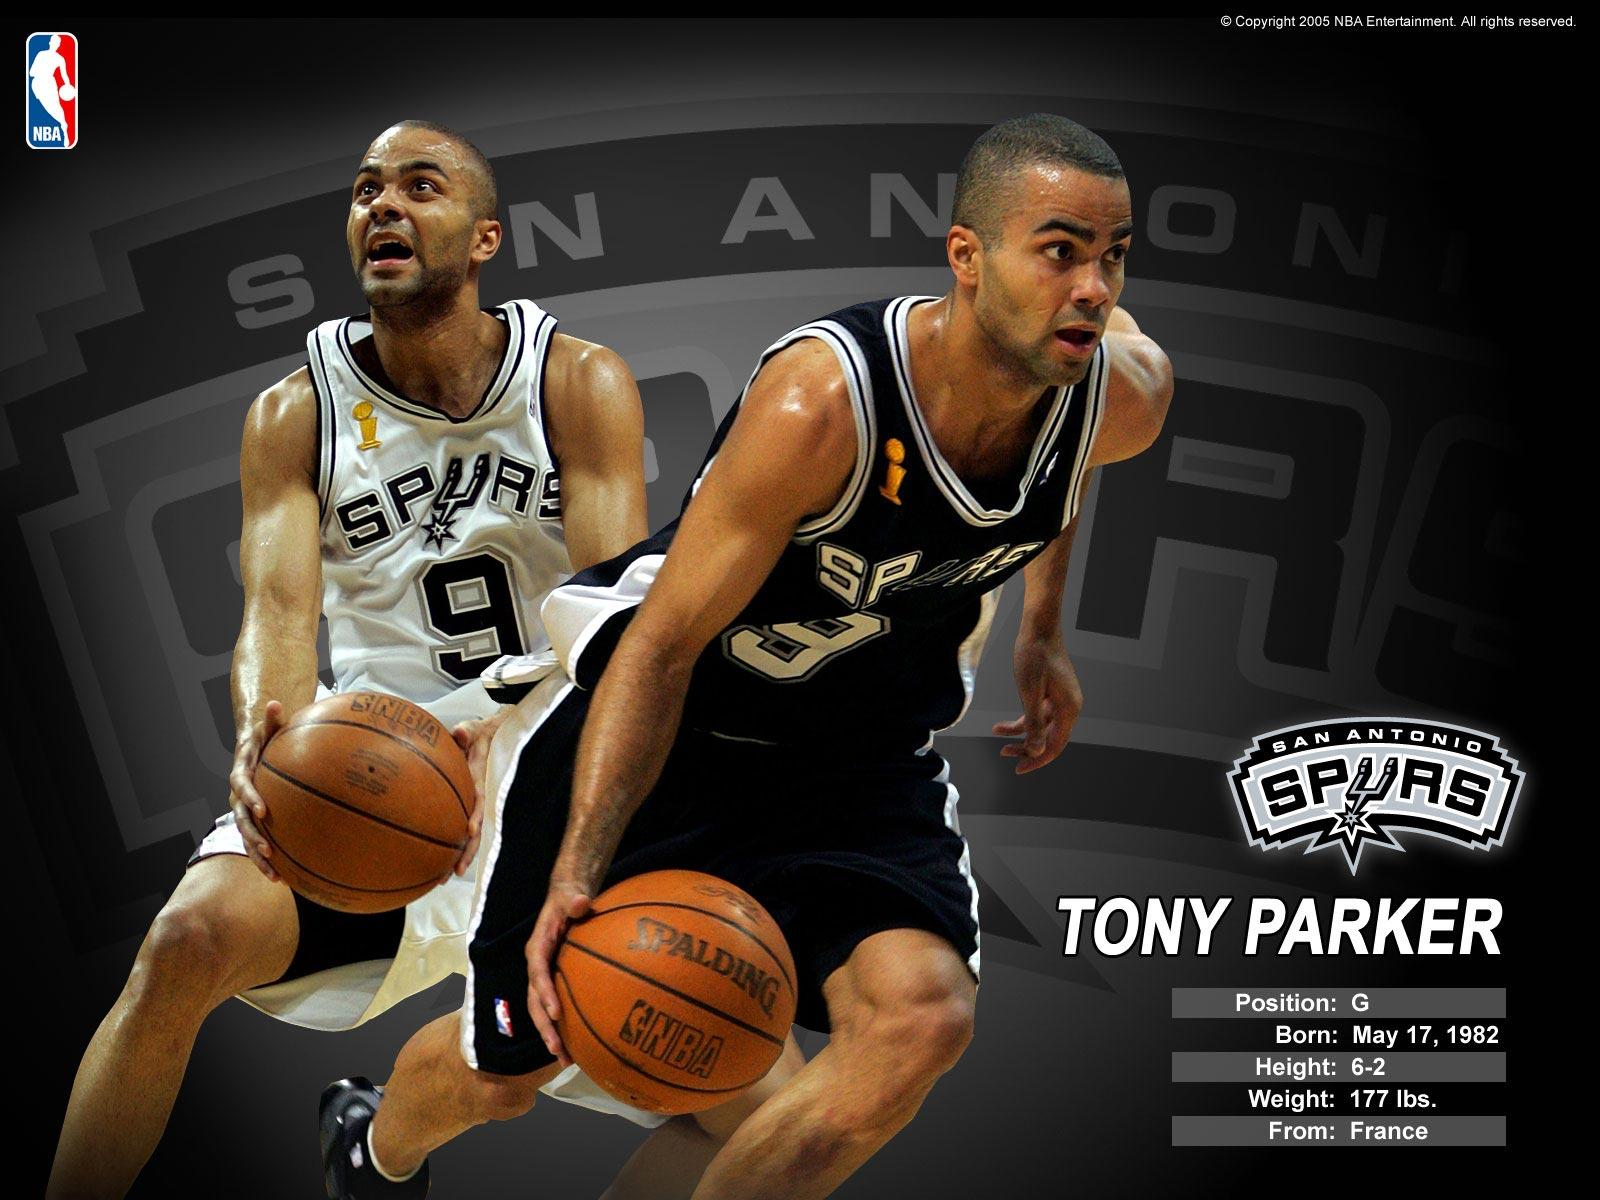 http://3.bp.blogspot.com/-EJyJnwmH7XM/TaJNUrwddNI/AAAAAAAAAC8/-GjJyJjLfO8/s1600/Tony-Parker-Wallpaper.jpg